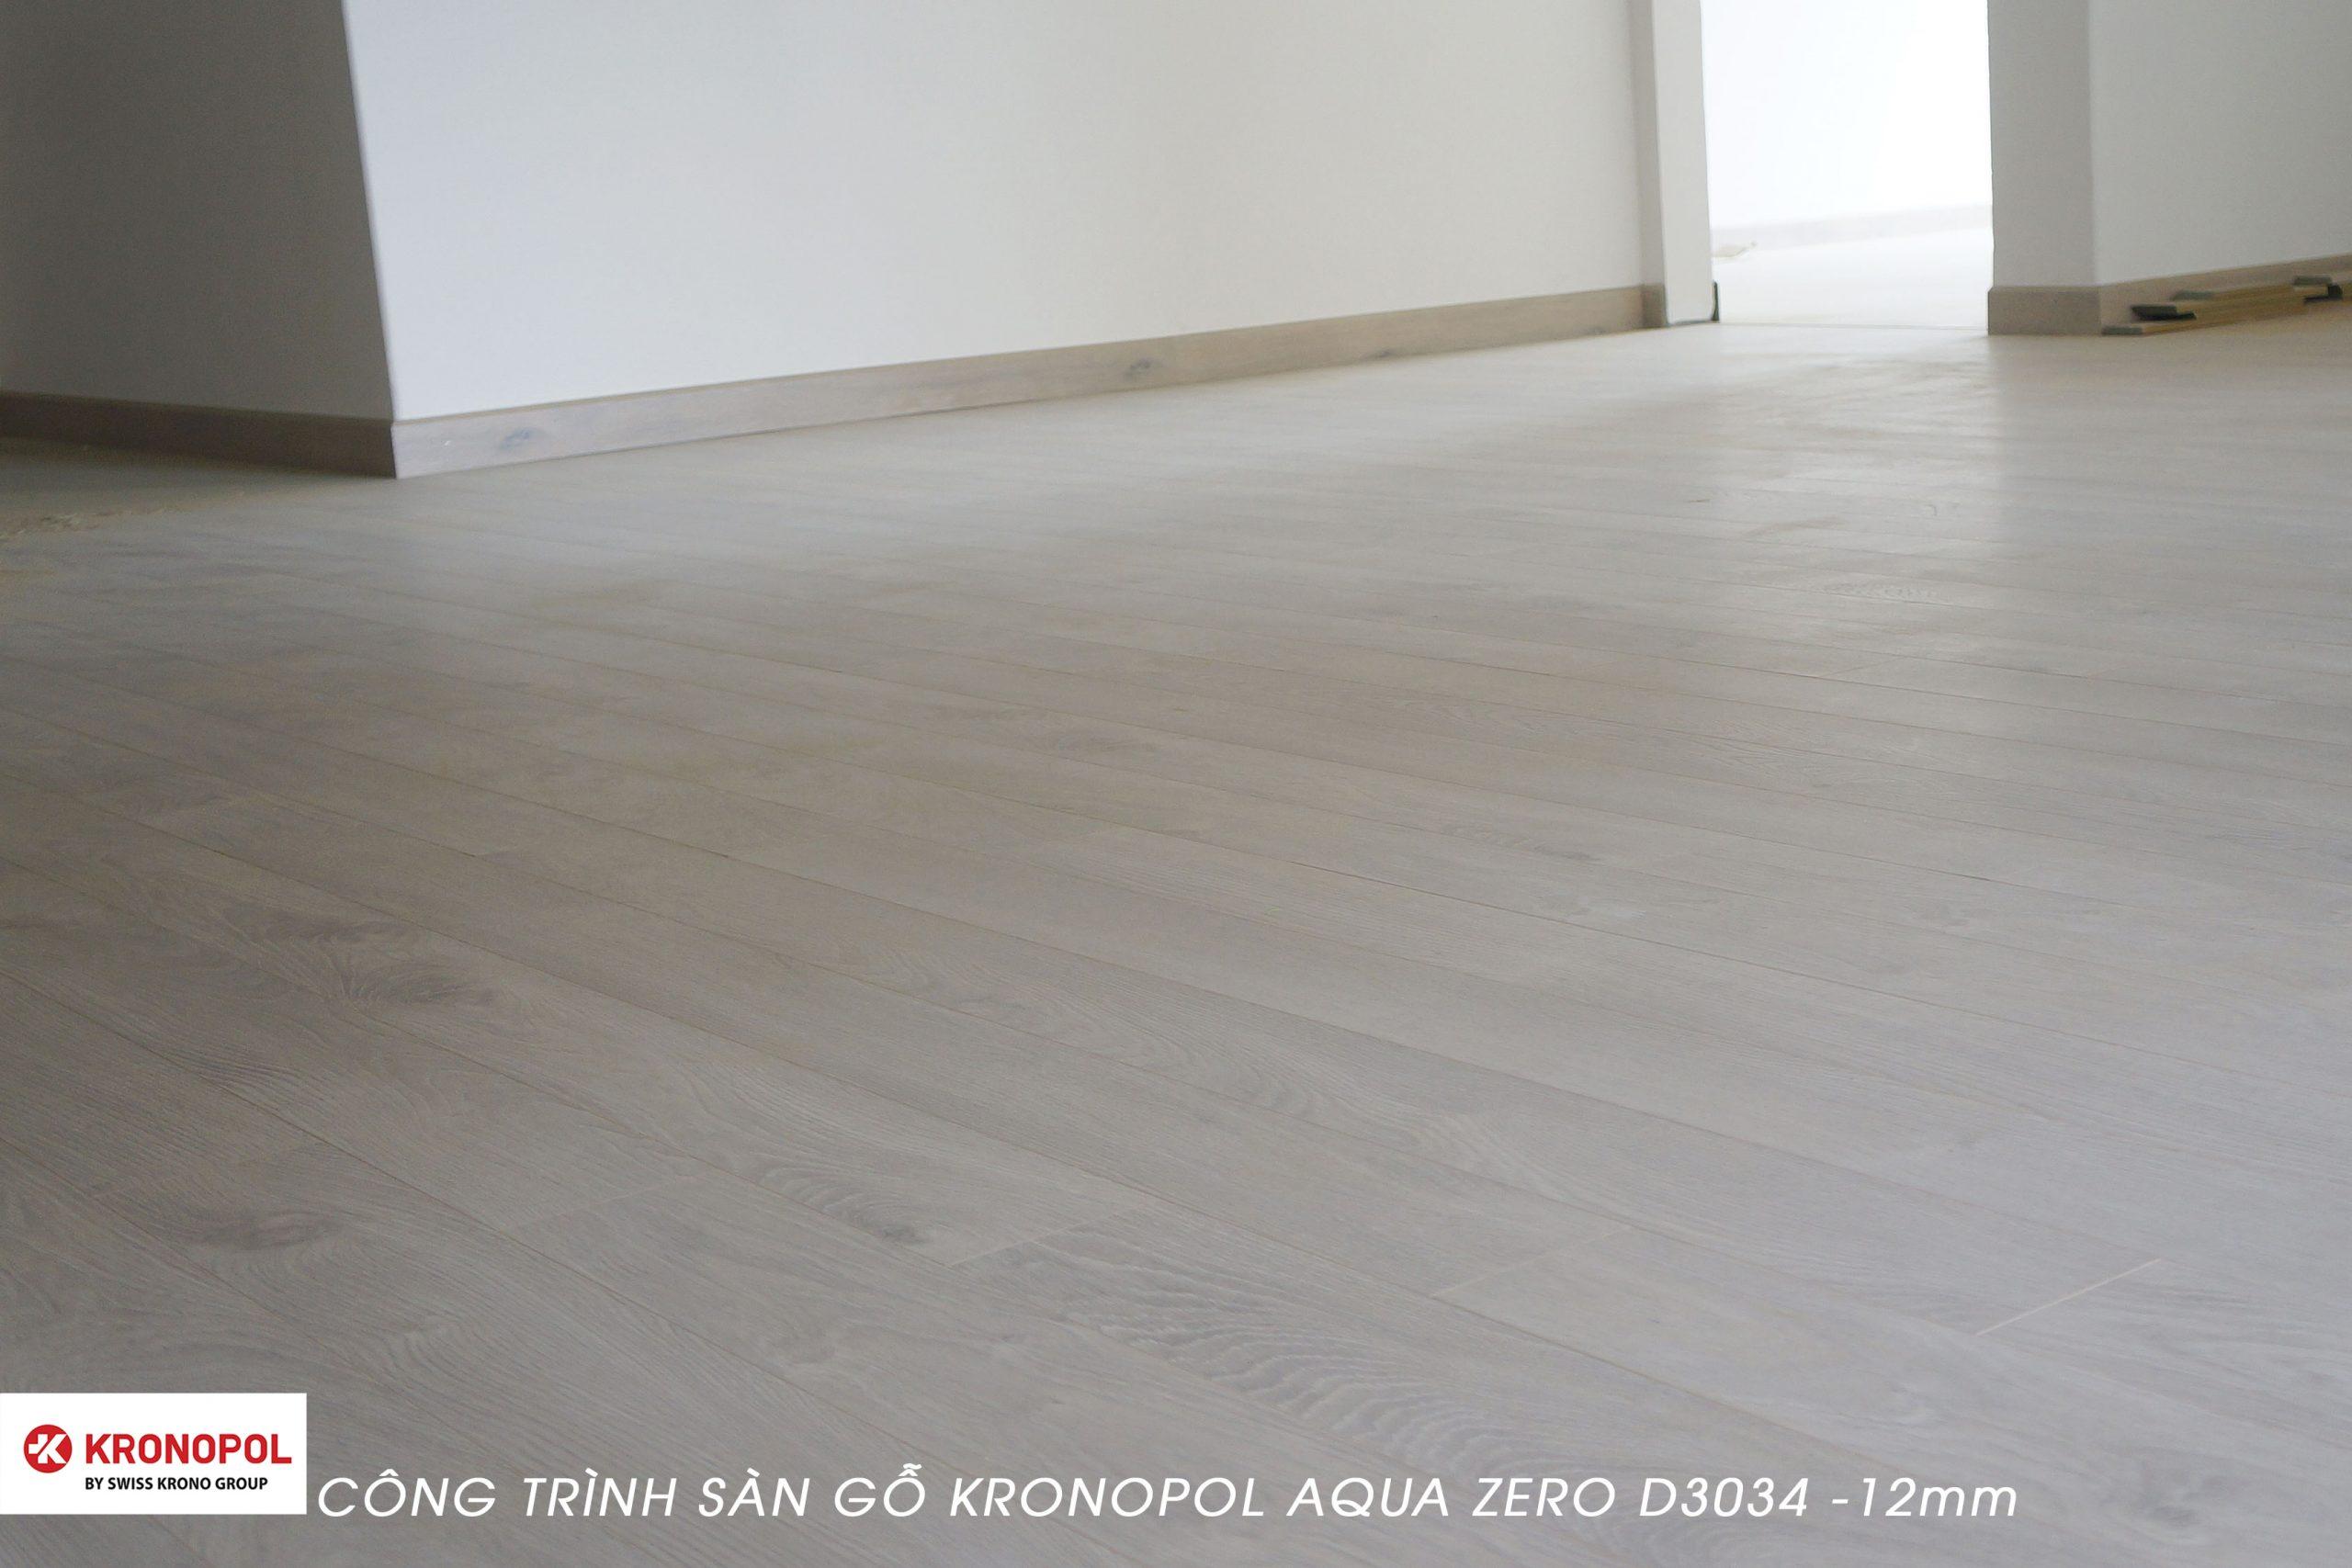 Phòng khách được lắp đặt sàn gỗ Kronopol D3034